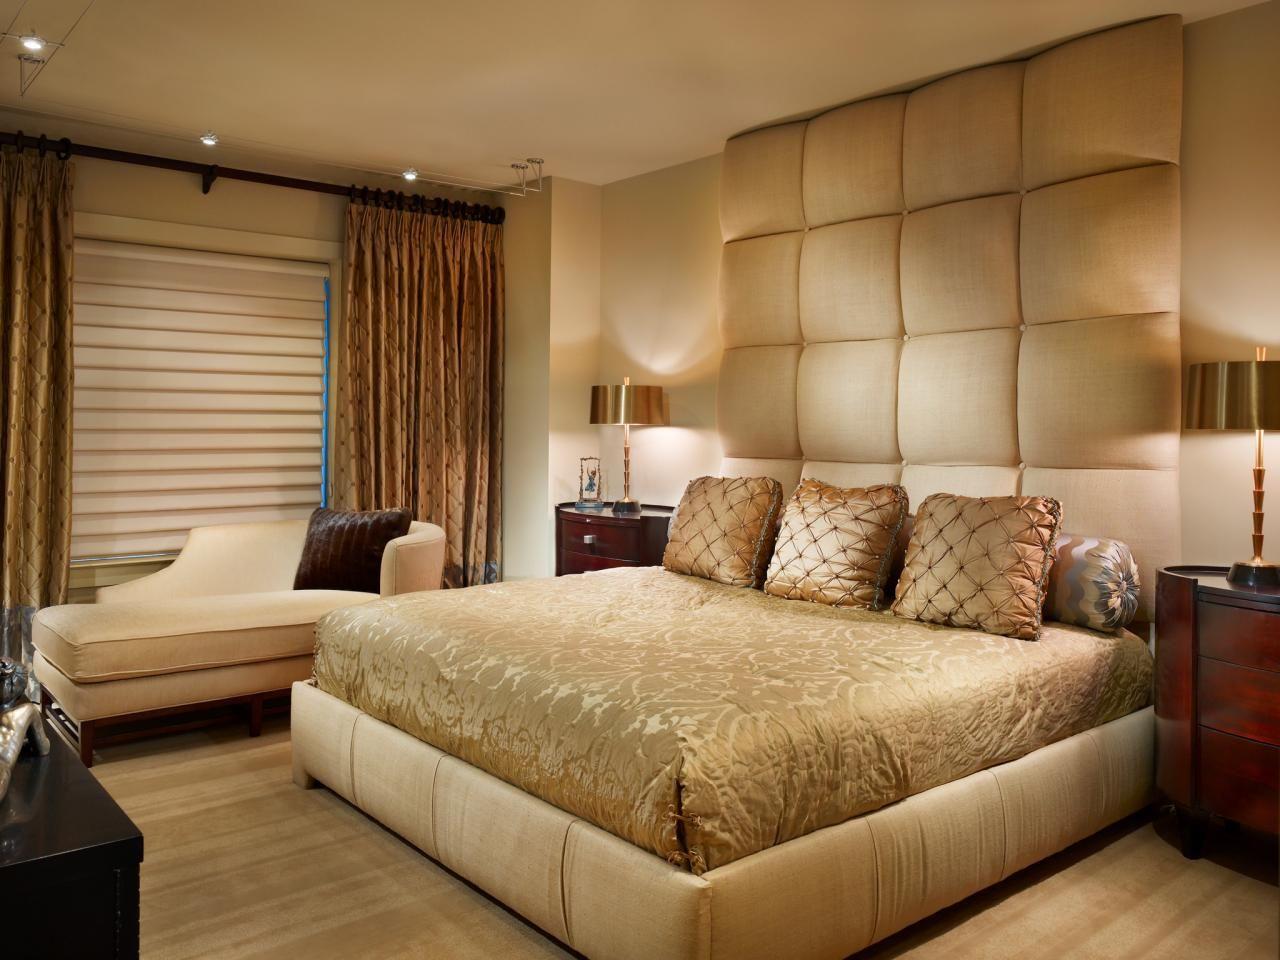 Modern Bedroom Color Schemes Bedroom Paint Colors Master Master Bedroom Colors Master Bedroom Paint